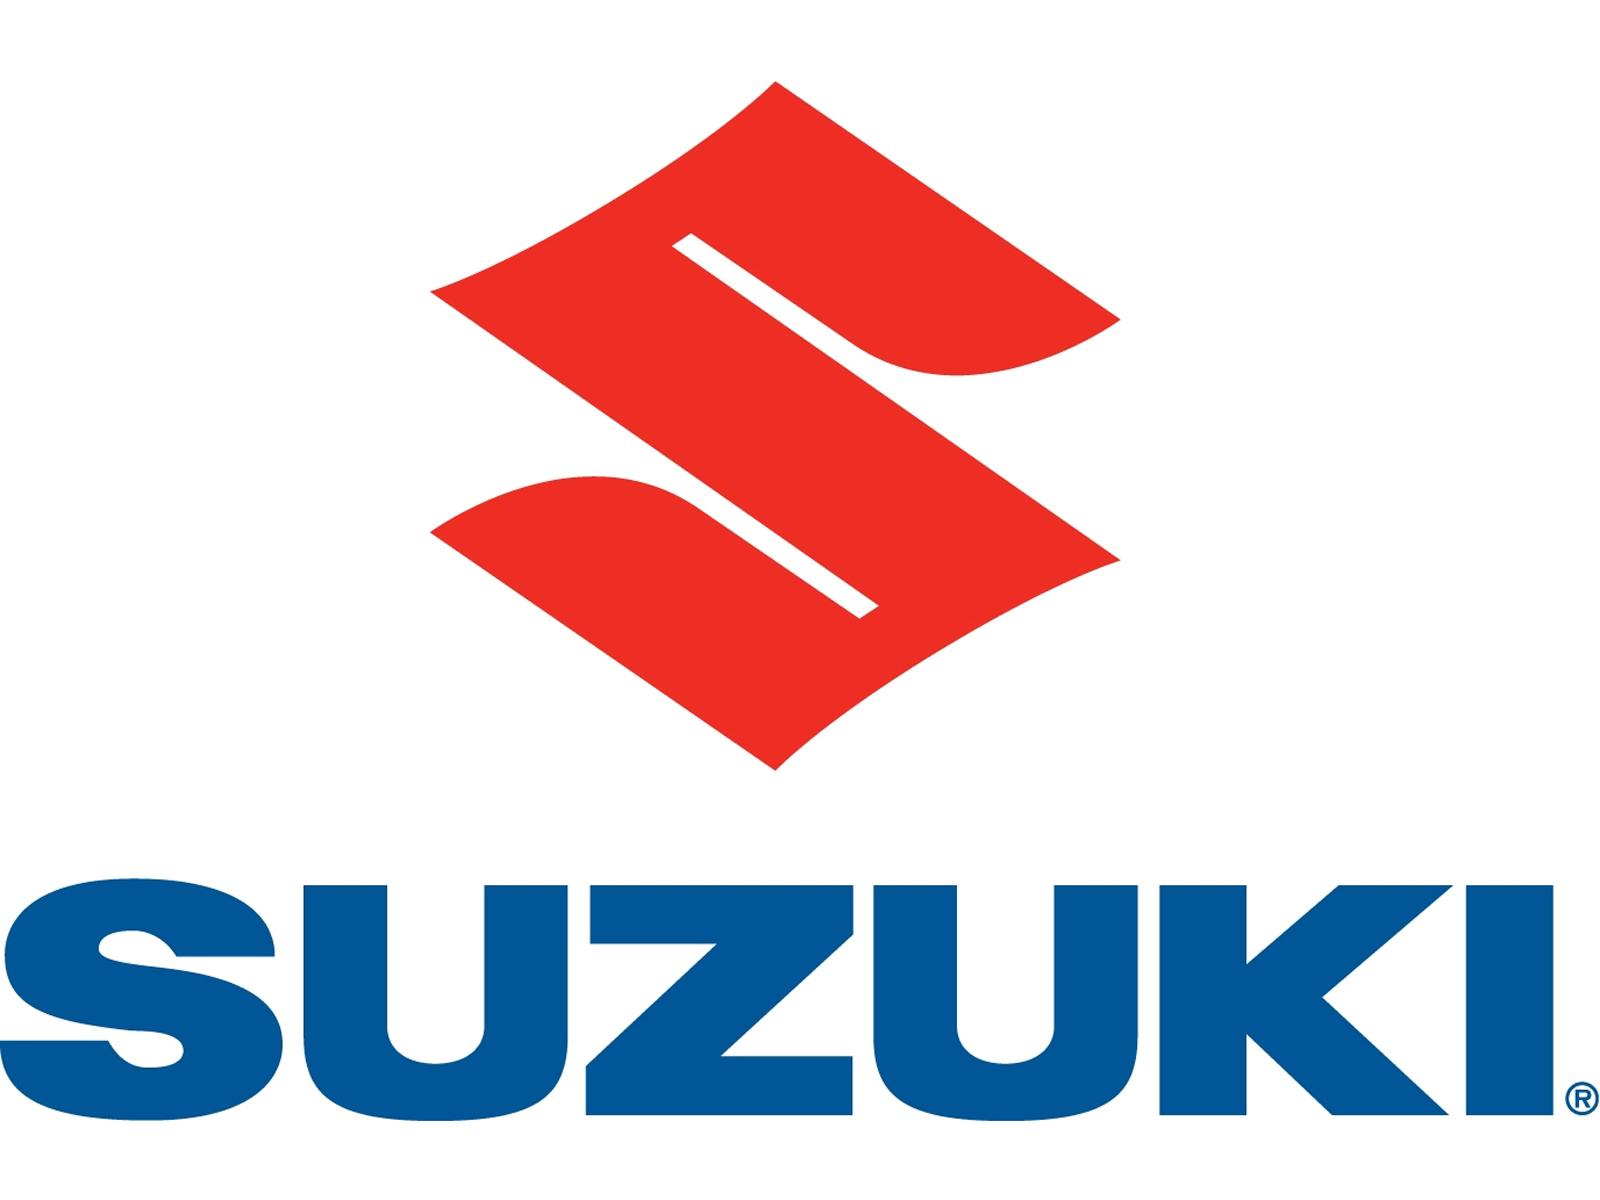 Suzuki+logo.jpg